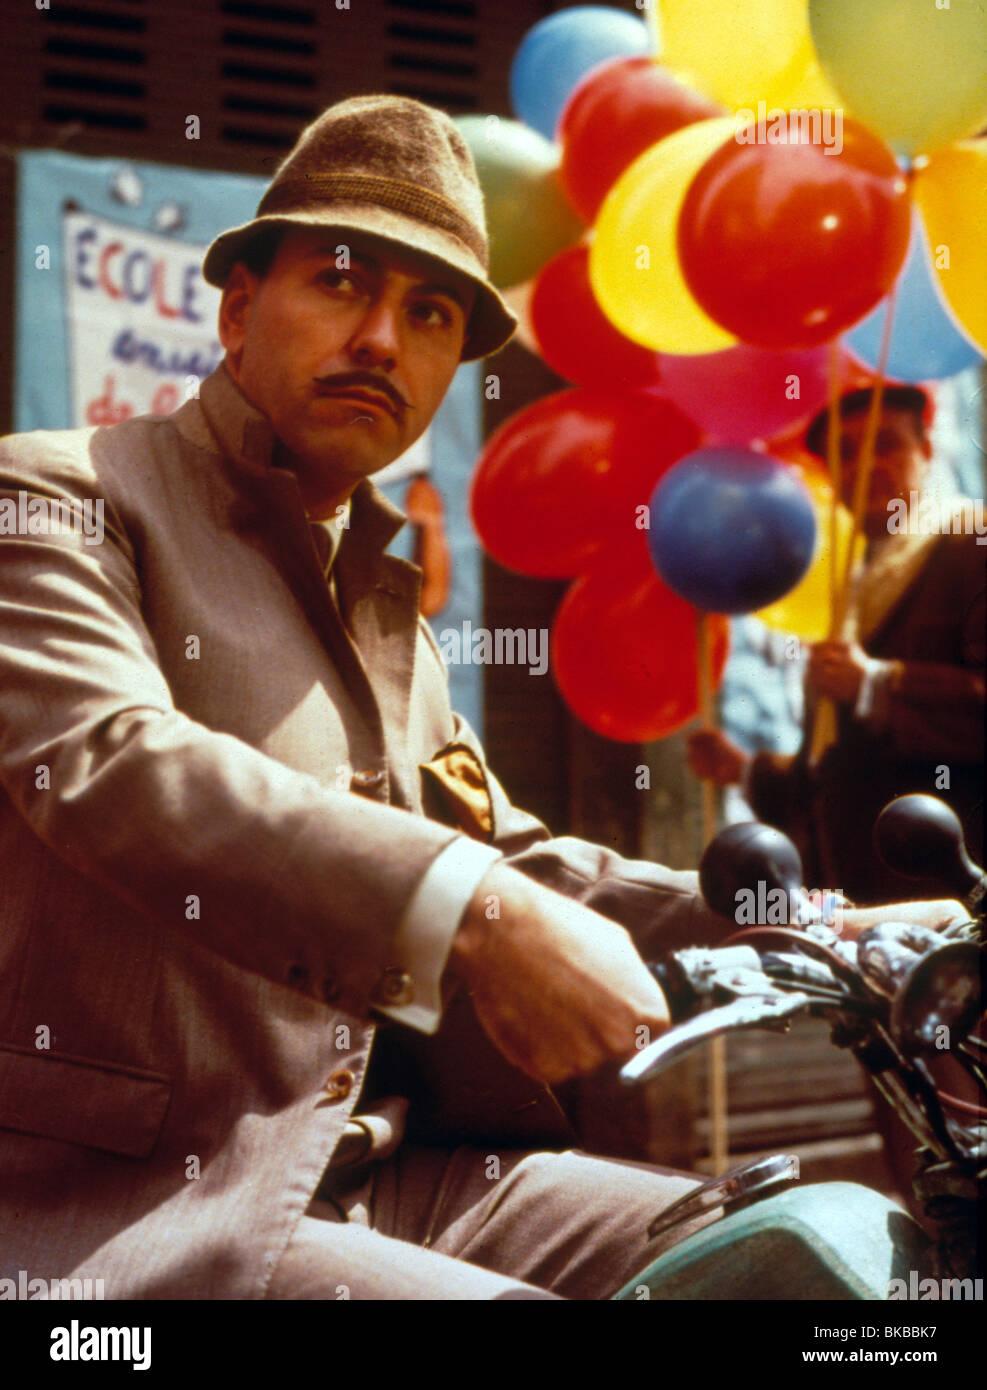 Inspector Clouseau Stock Photos   Inspector Clouseau Stock Images ... ce4da324265